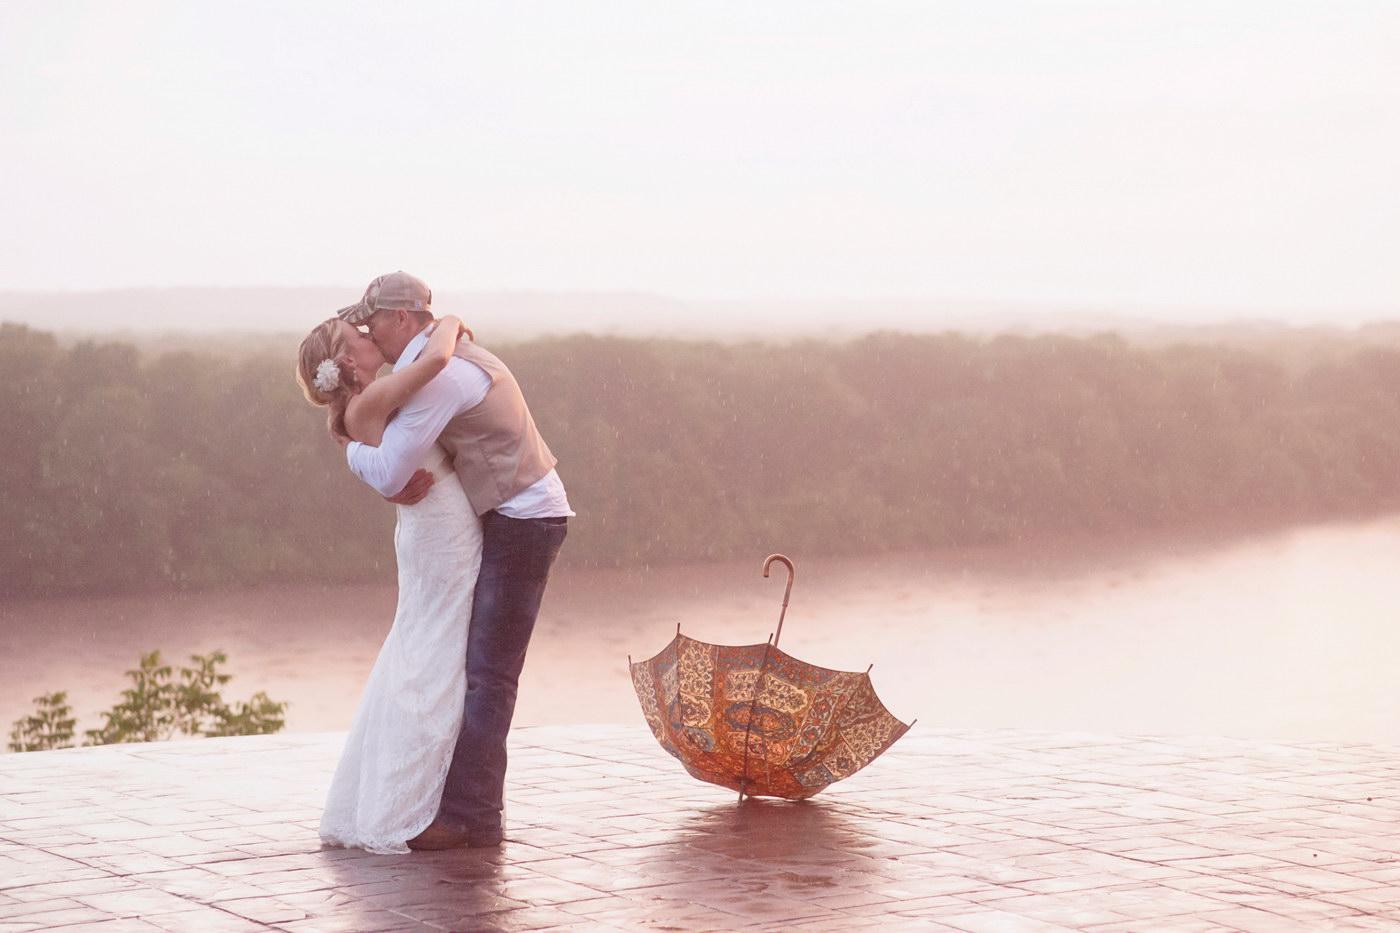 Fotografii artistice de nunta facute in ploaie